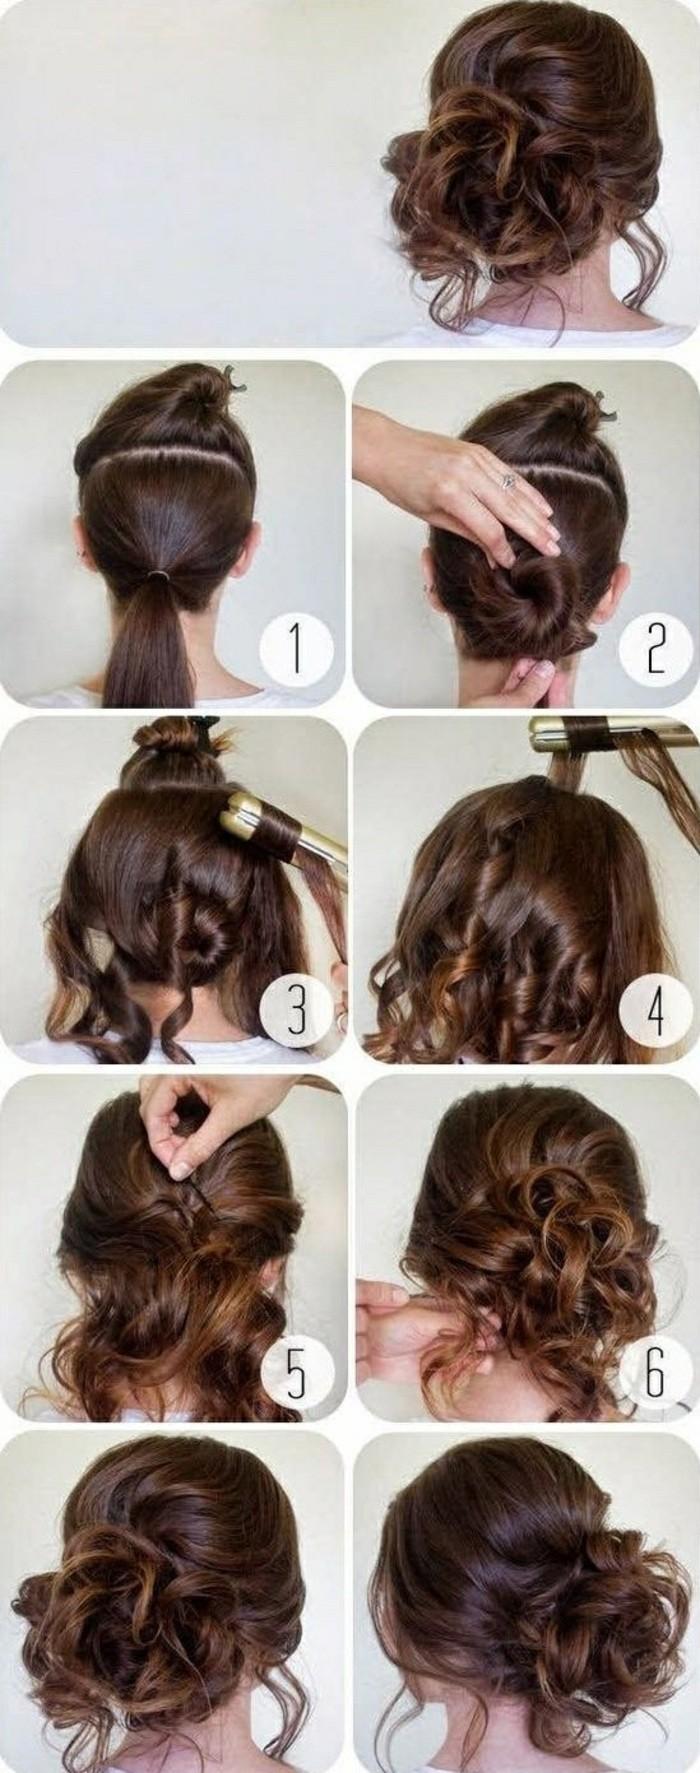 chignon coiffé décoiffé avec des boucles et mèches bouclées autour du visage, volume sur le dessus, coiffure avec extension de cheveux